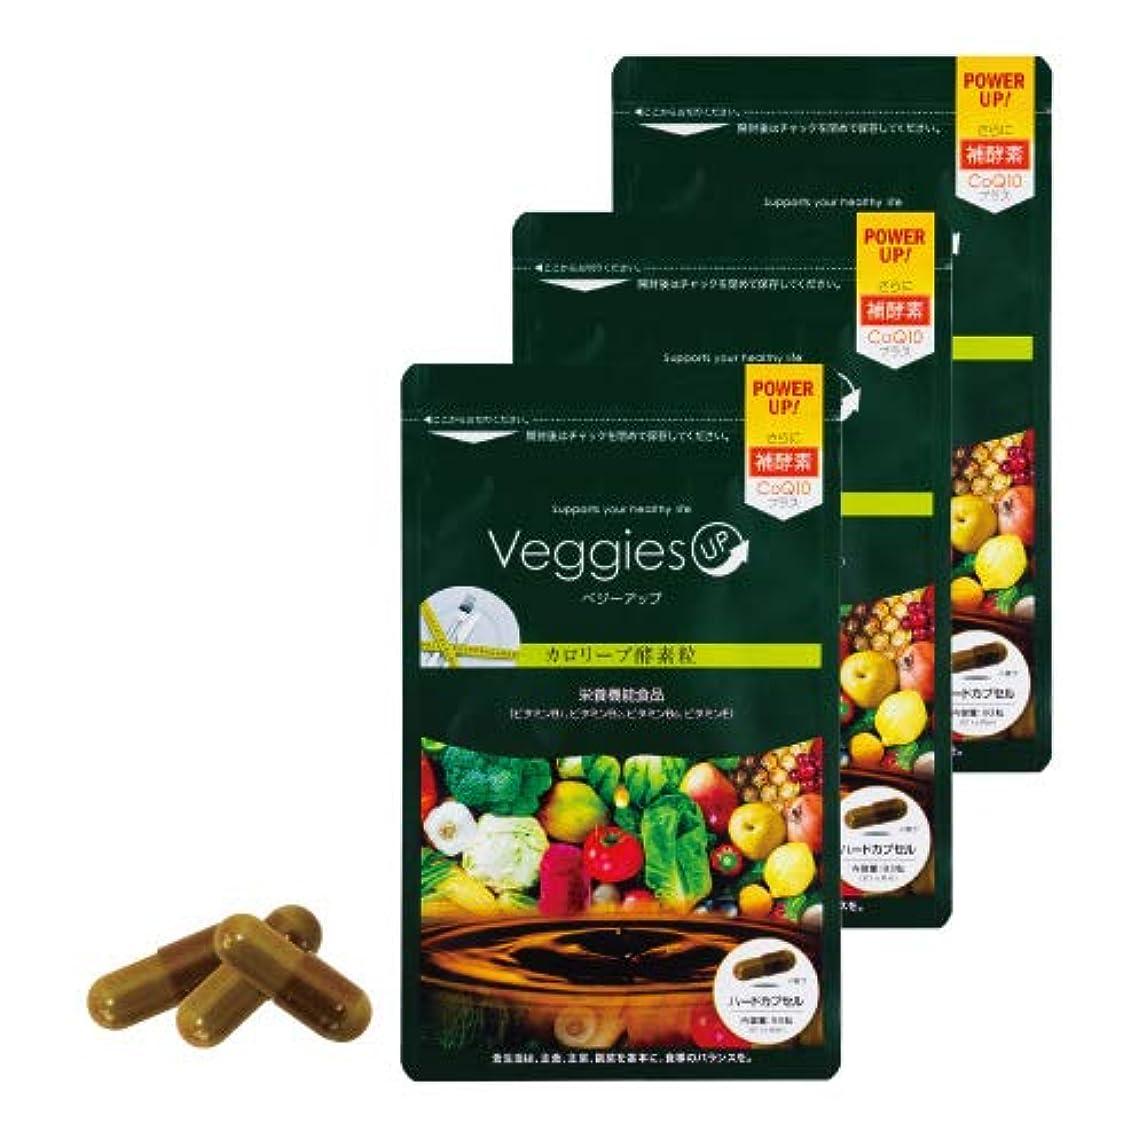 プレビュー閲覧する知覚的ベジーアップ酵素粒カロリーブ 93粒 3袋セット ダイエット 酵素サプリ 酵素ダイエット サラシア コエンザイムQ10 竹炭